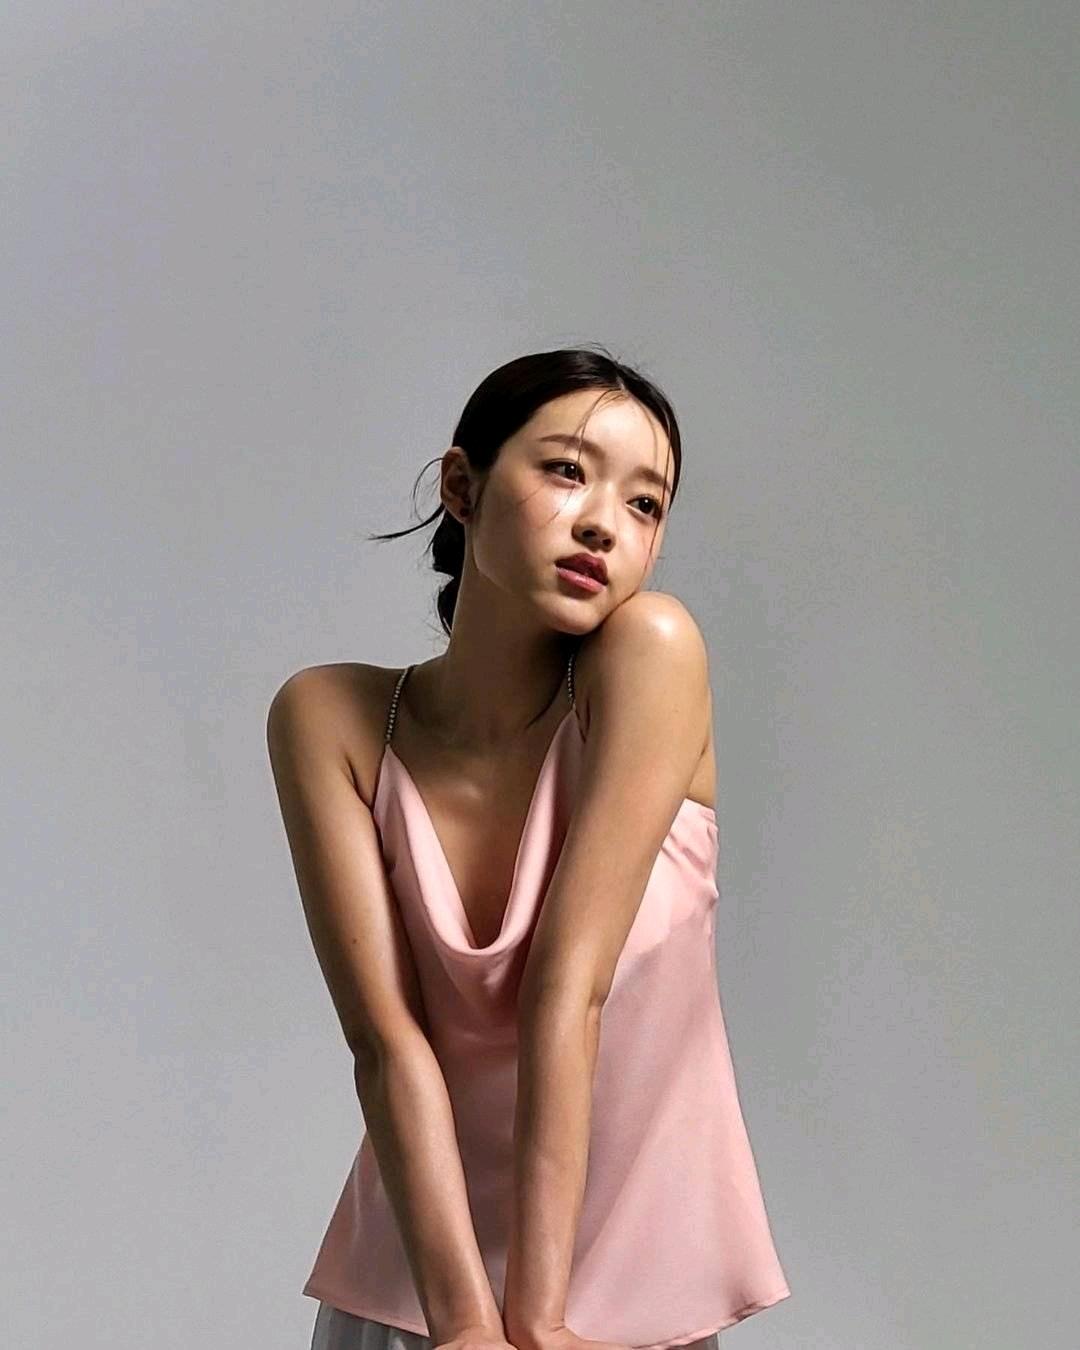 韩国女团爱豆从清纯甜美突然转型麻辣虾虾,魅惑抢夺视线